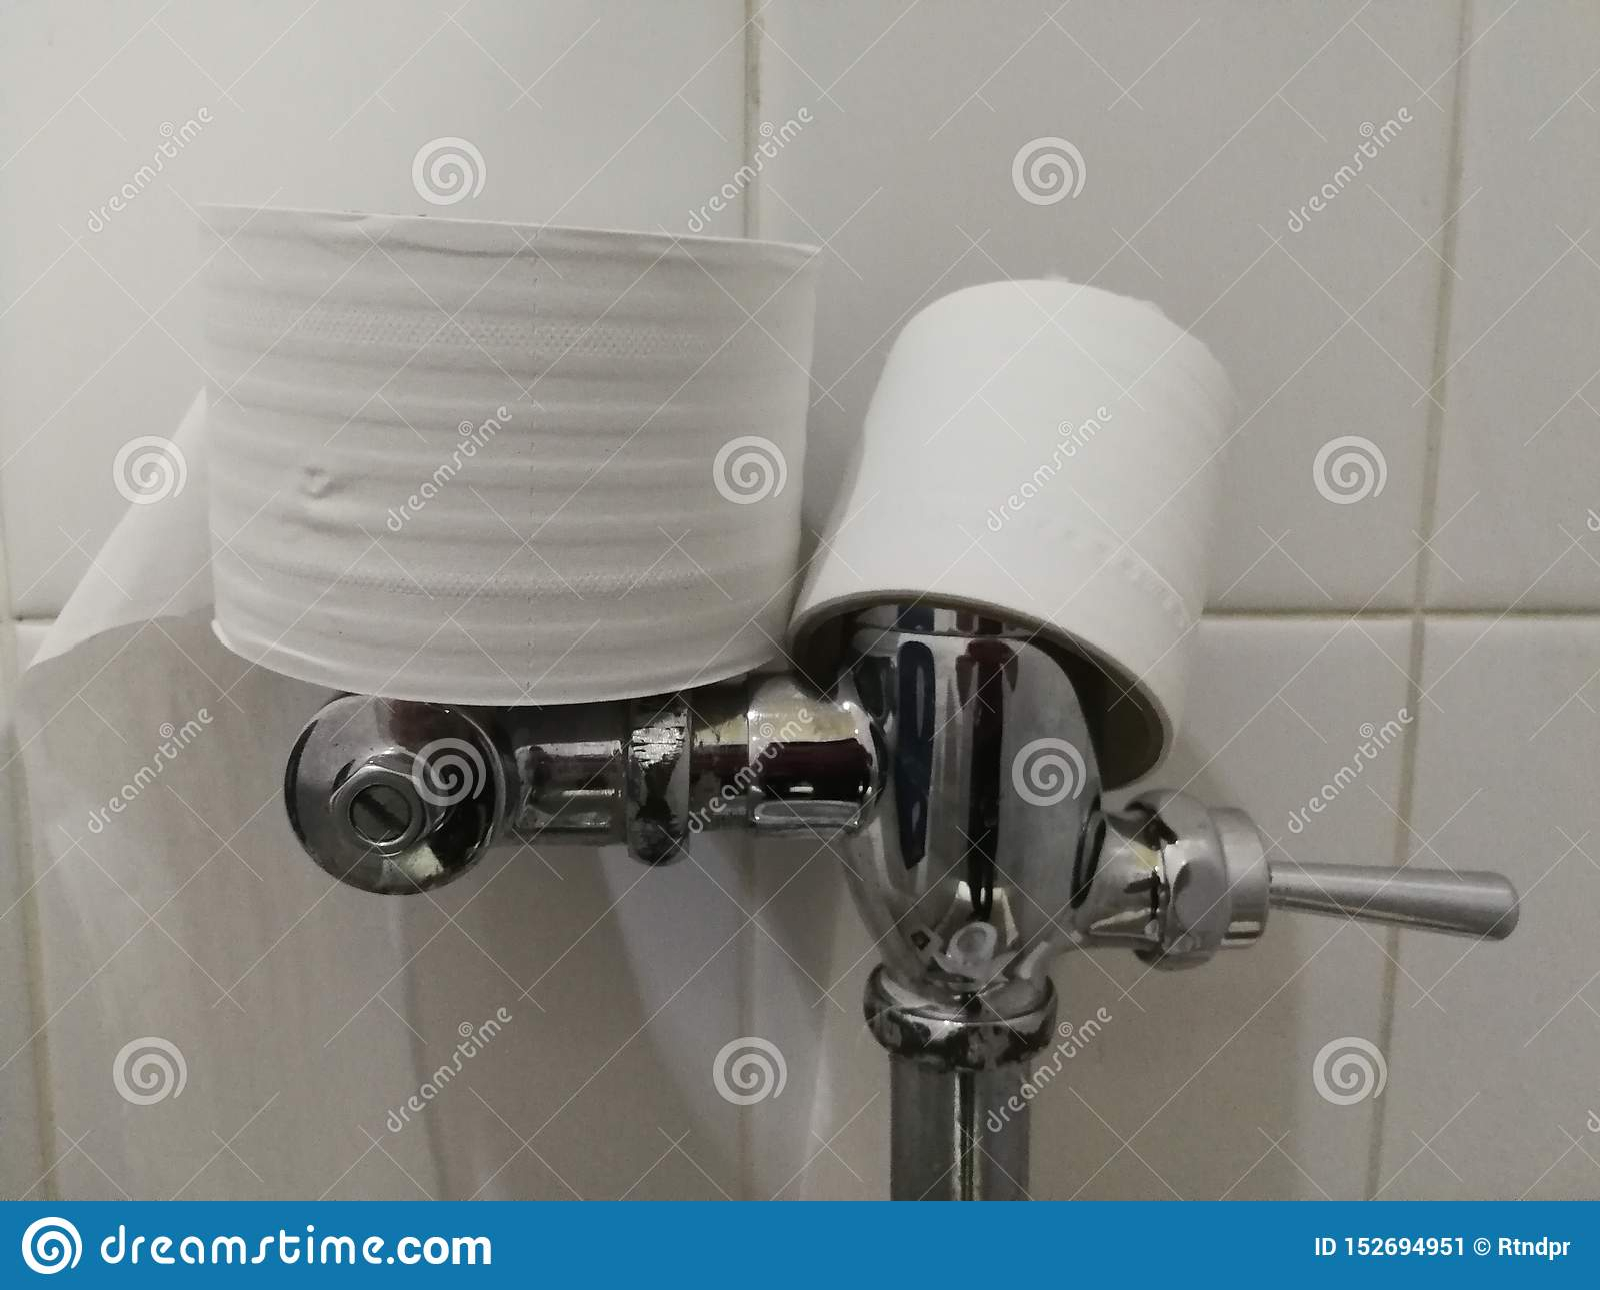 Nettoyage de papier hygiénique dans la salle de bains, placée sur la toilette, faite d acier inoxydable